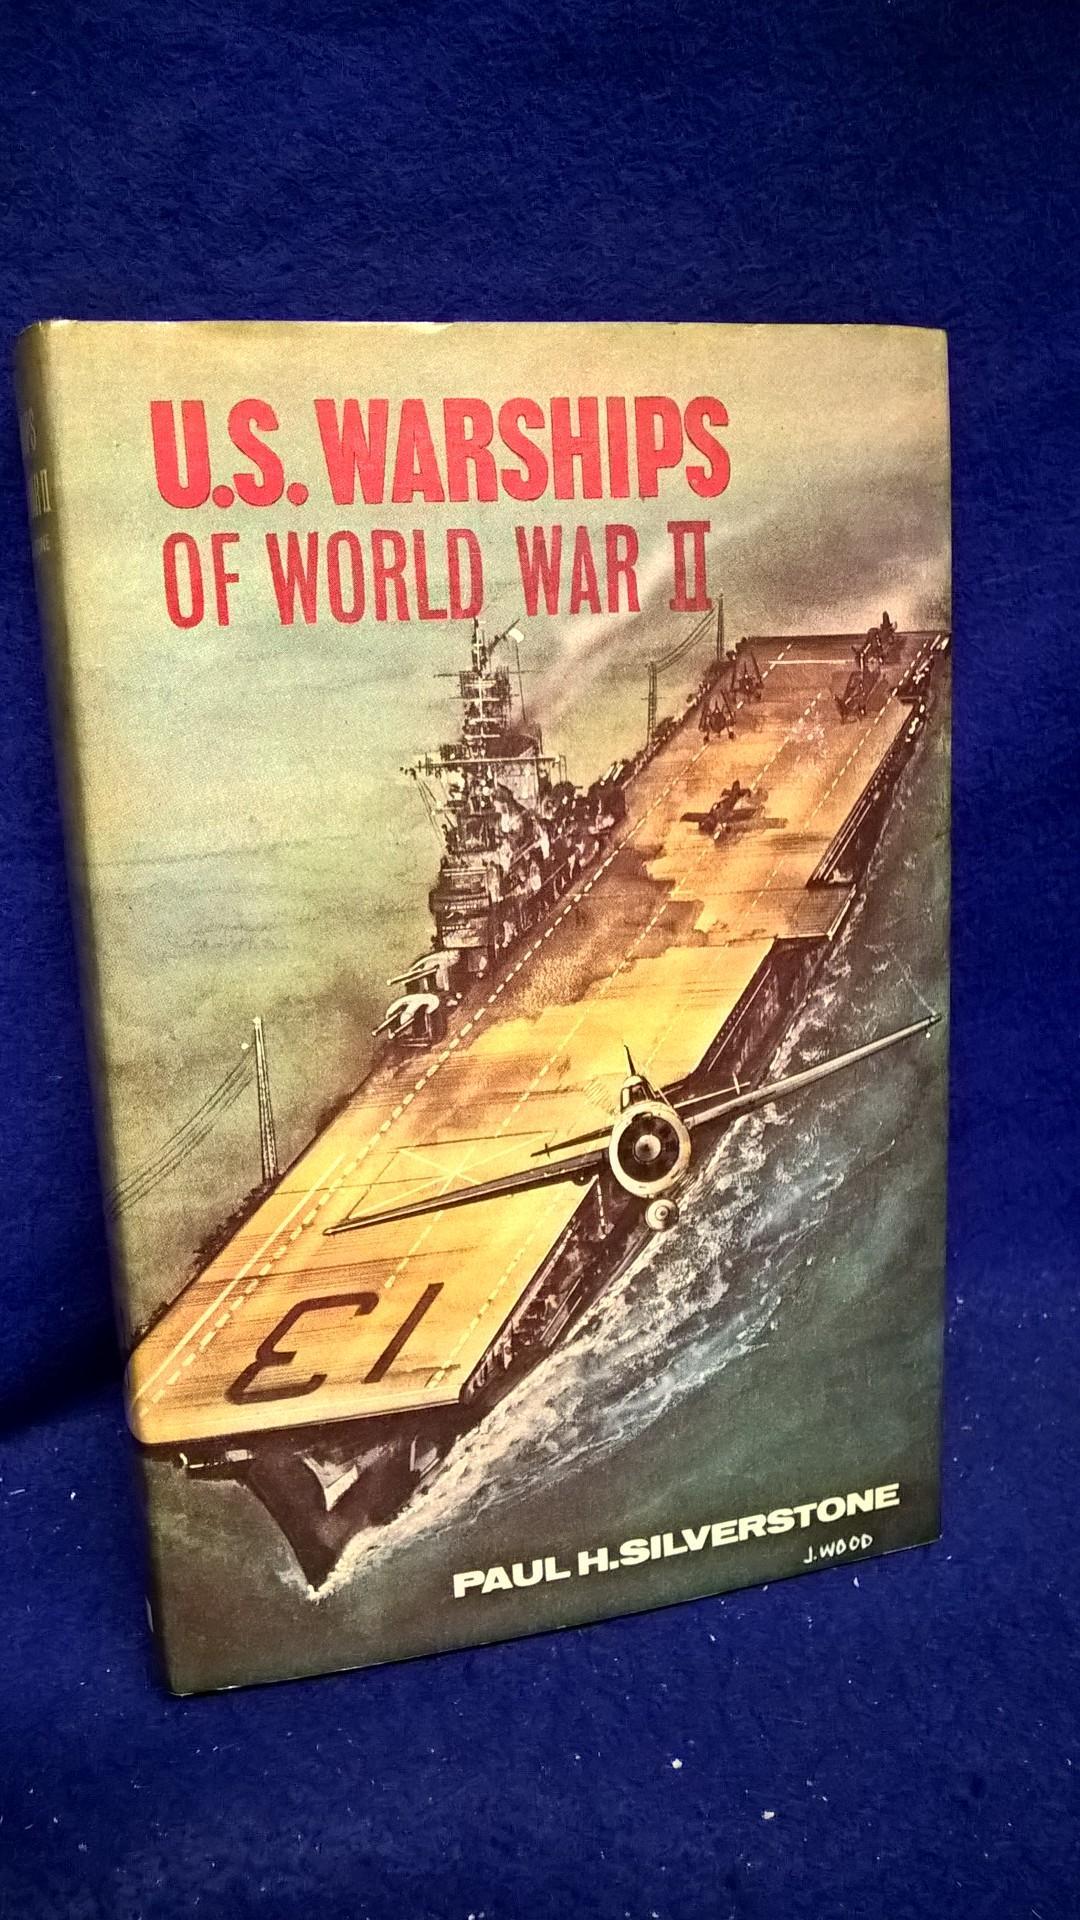 U.S. Warships of World War II.